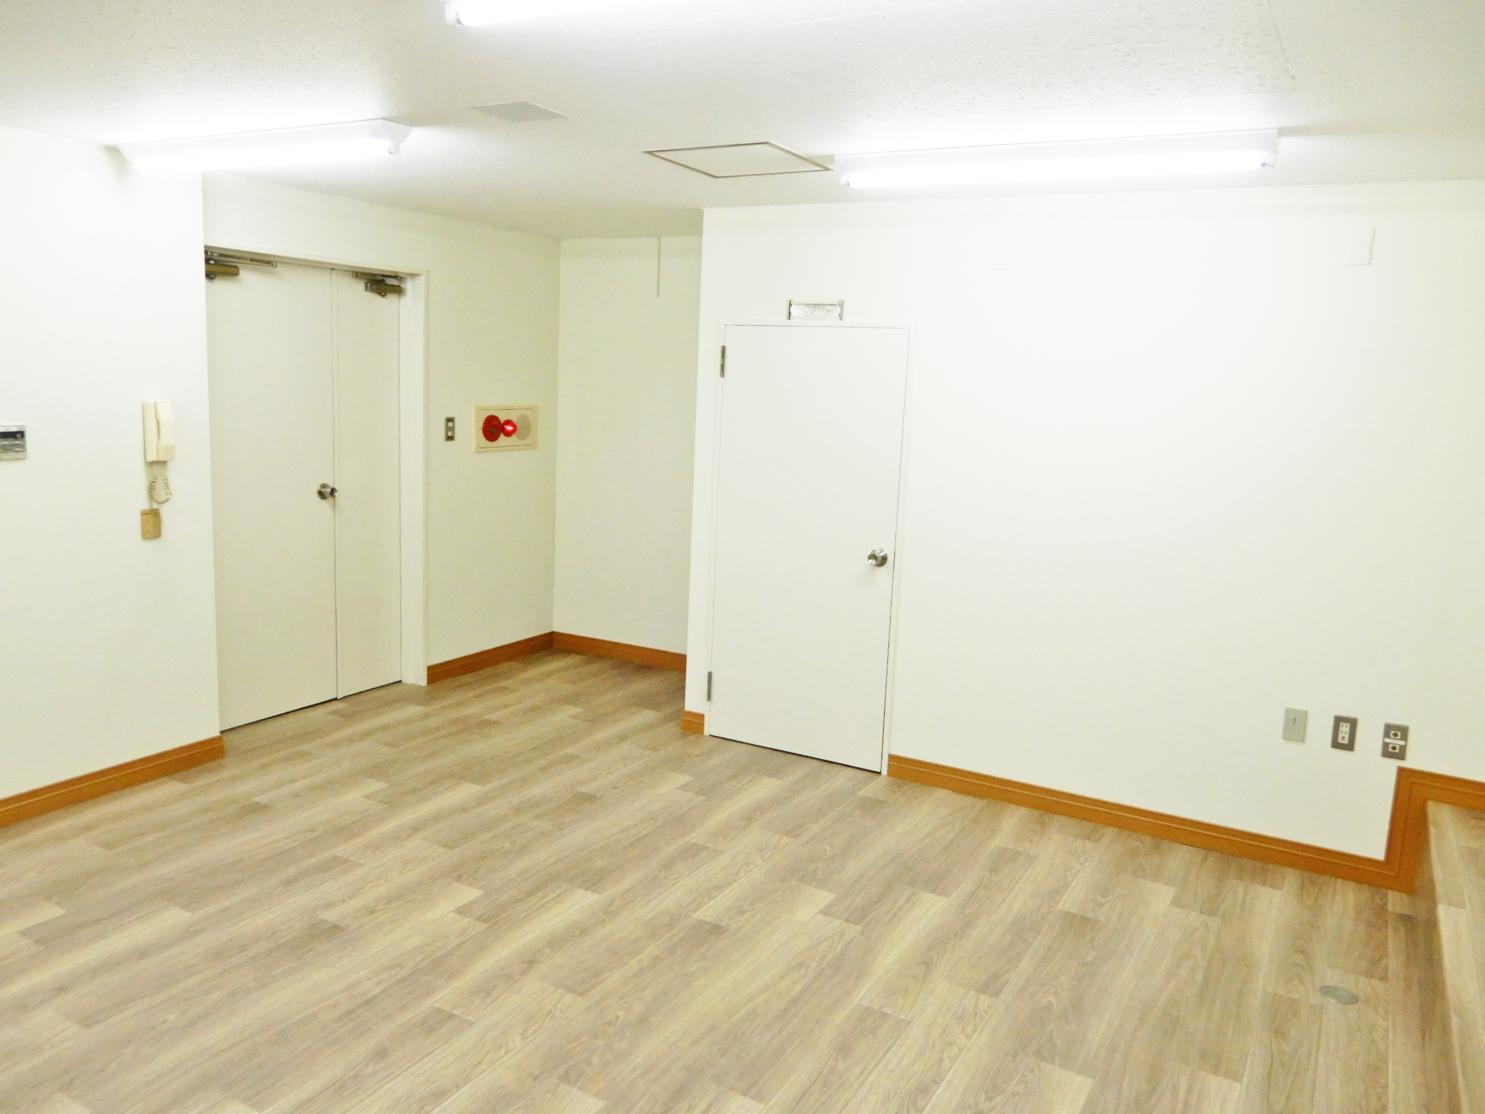 アーツ本庄 210号室のアイキャッチ画像